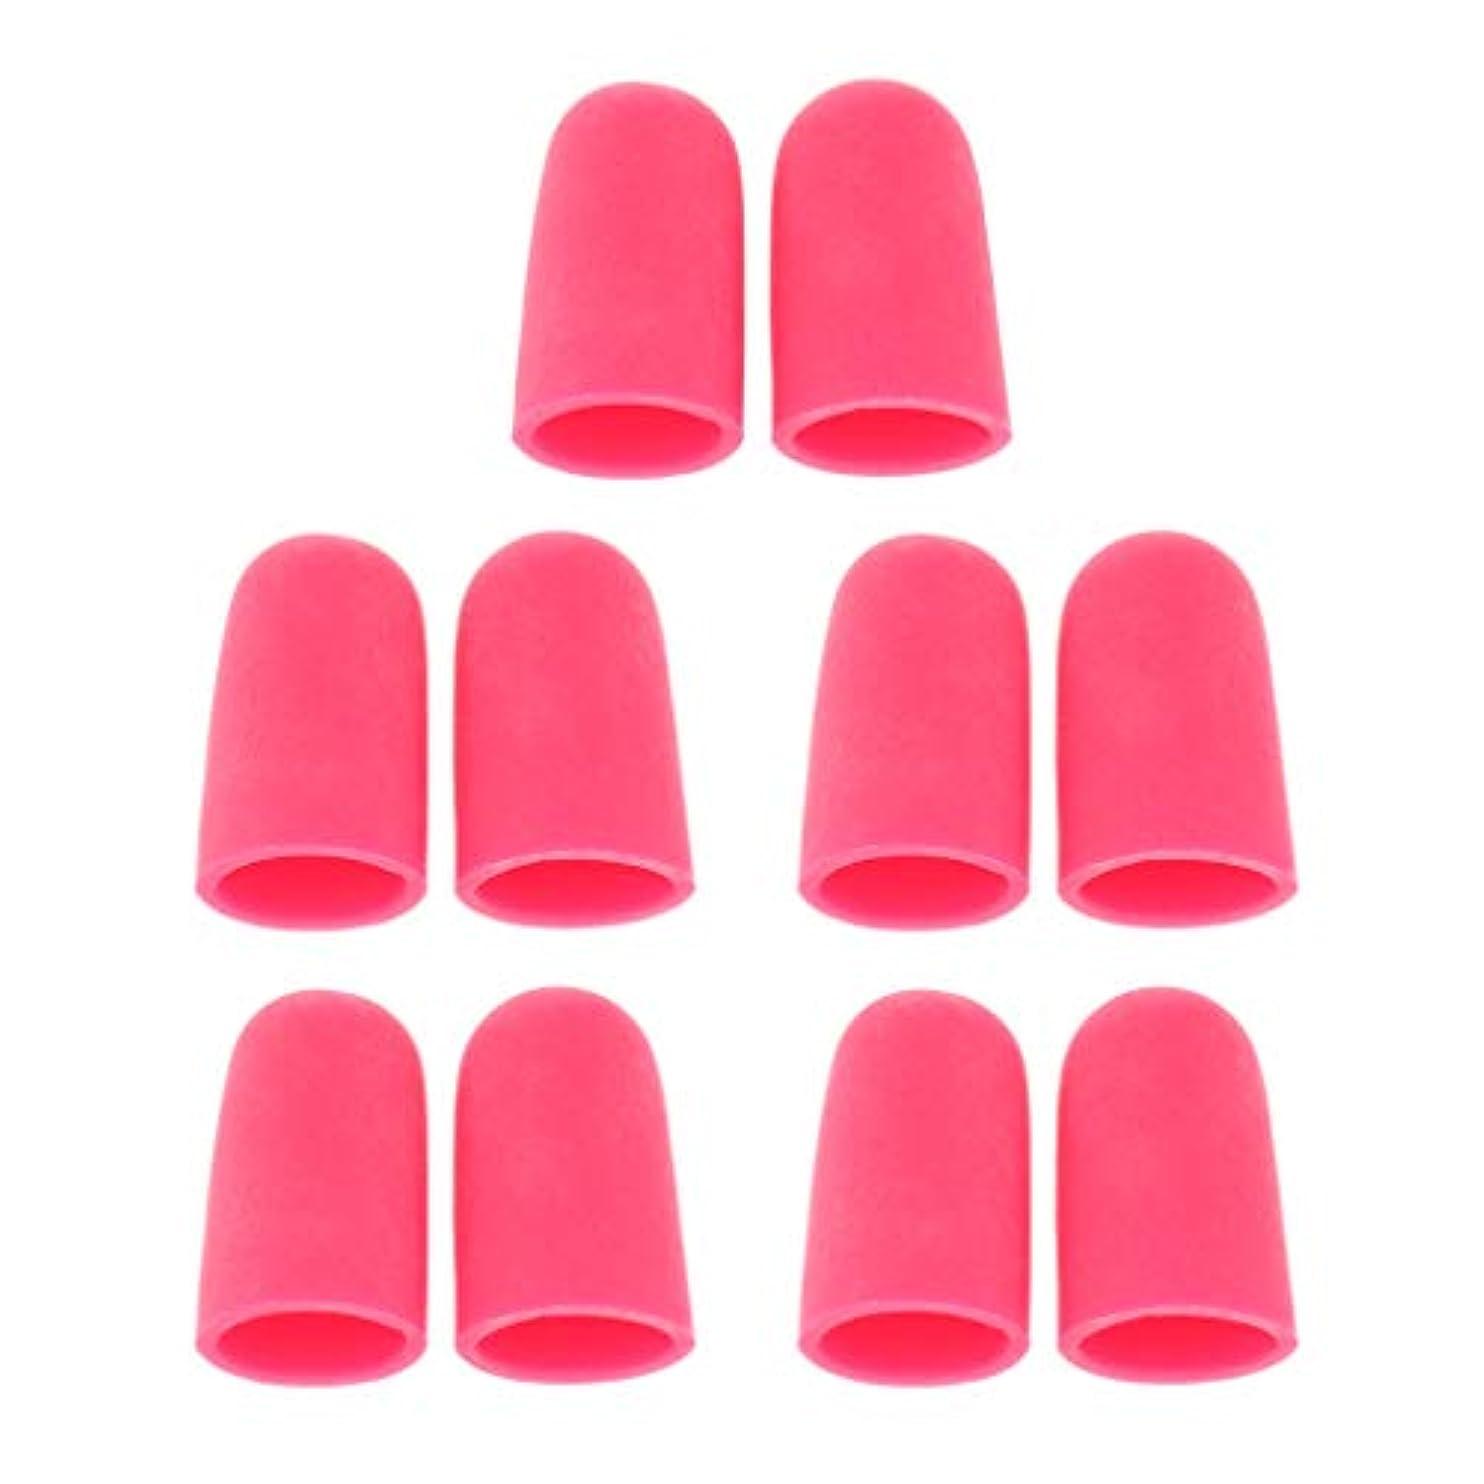 接ぎ木酸ほこりFLAMEER 5ペア つま先キャップ 足指保護キャップ ジェルトゥキャップ フットケア 柔軟 男女兼用 全2サイズ - S